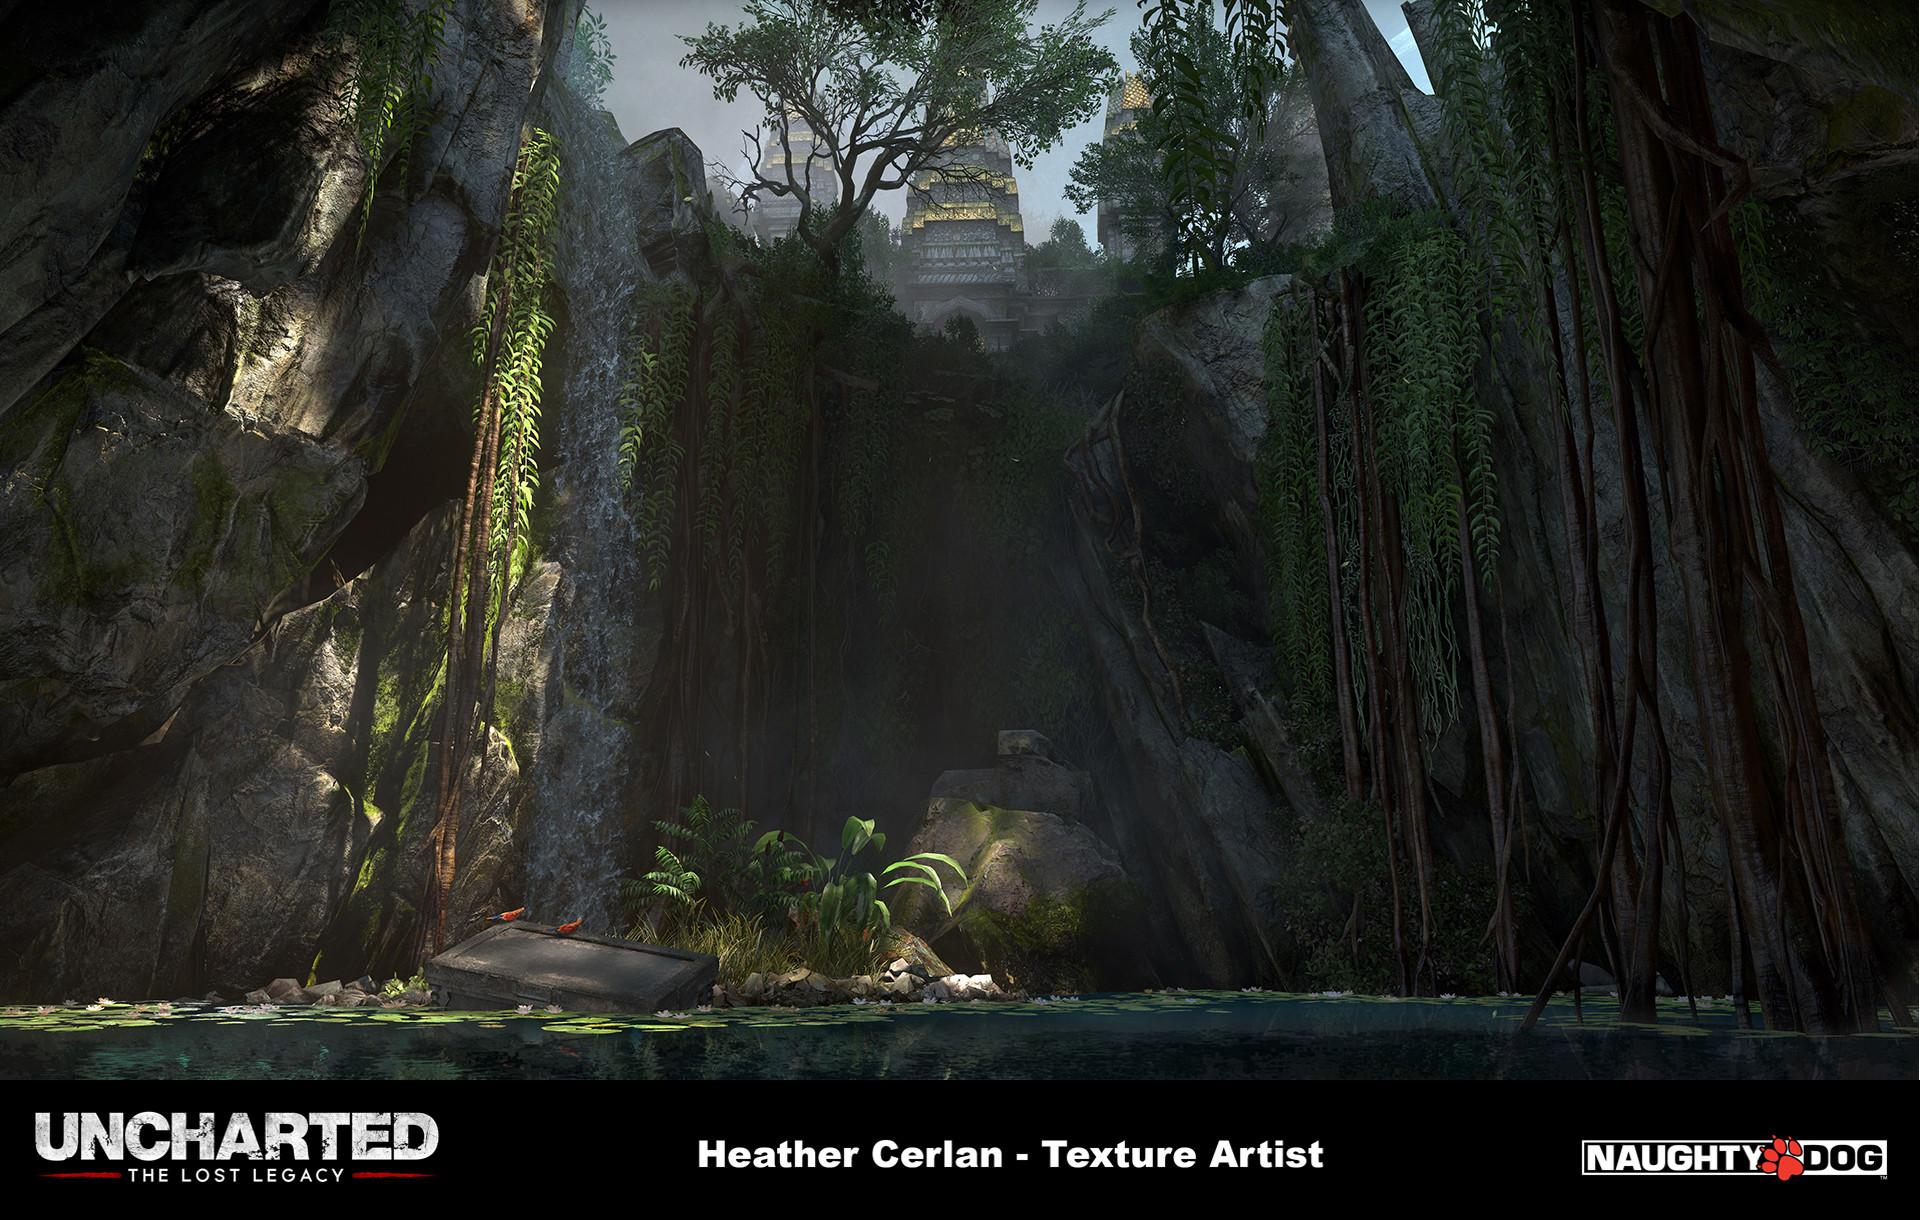 Heather cerlan hcerlan 01